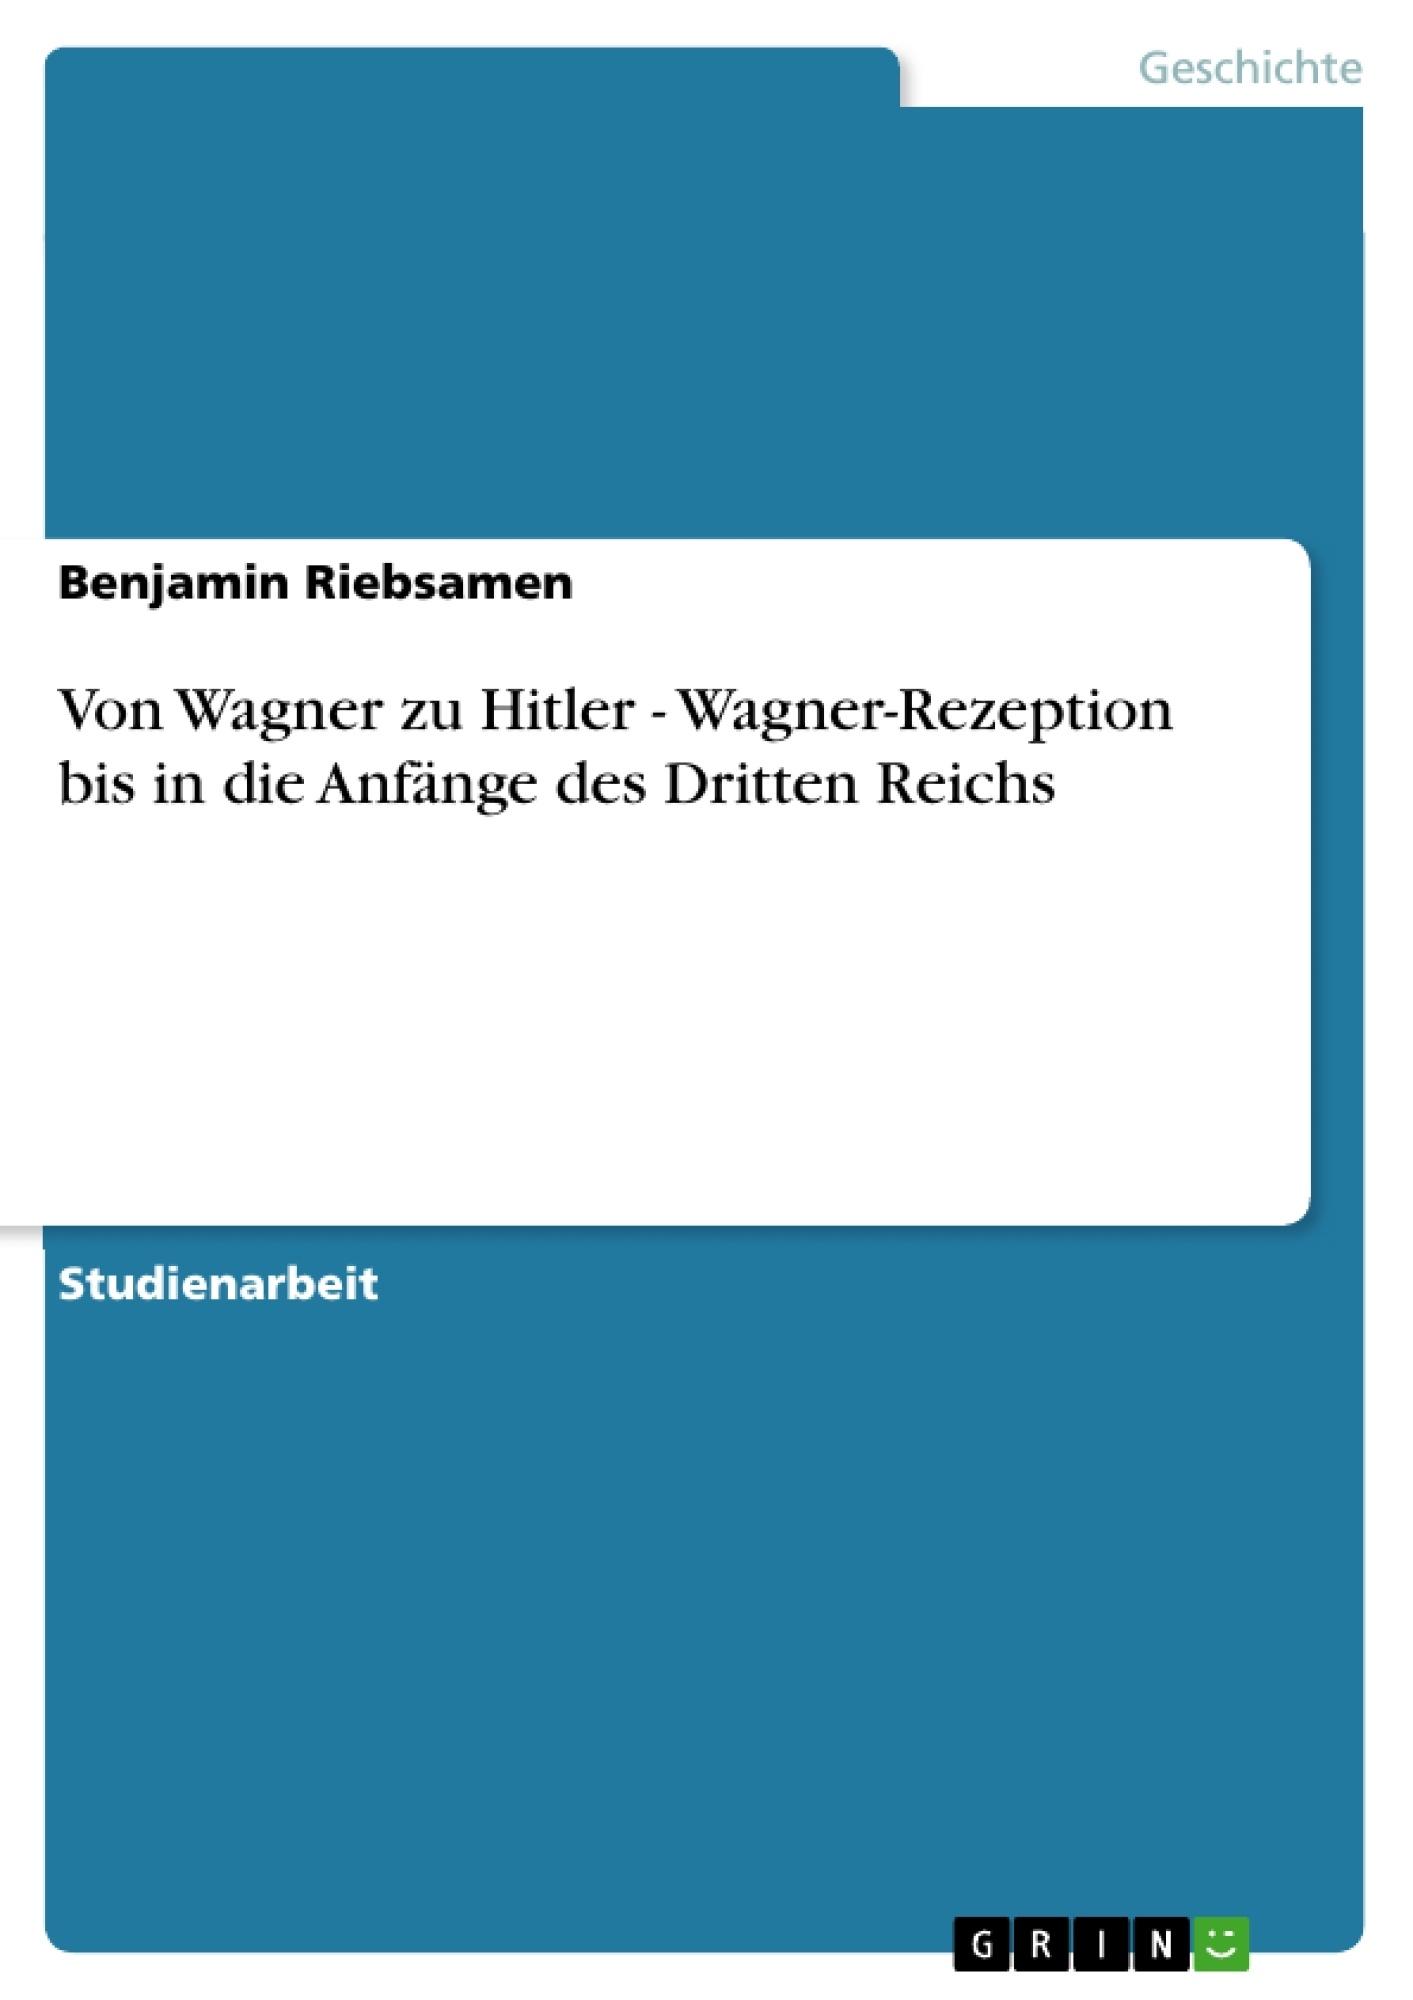 Titel: Von Wagner zu Hitler - Wagner-Rezeption bis in die Anfänge des Dritten Reichs